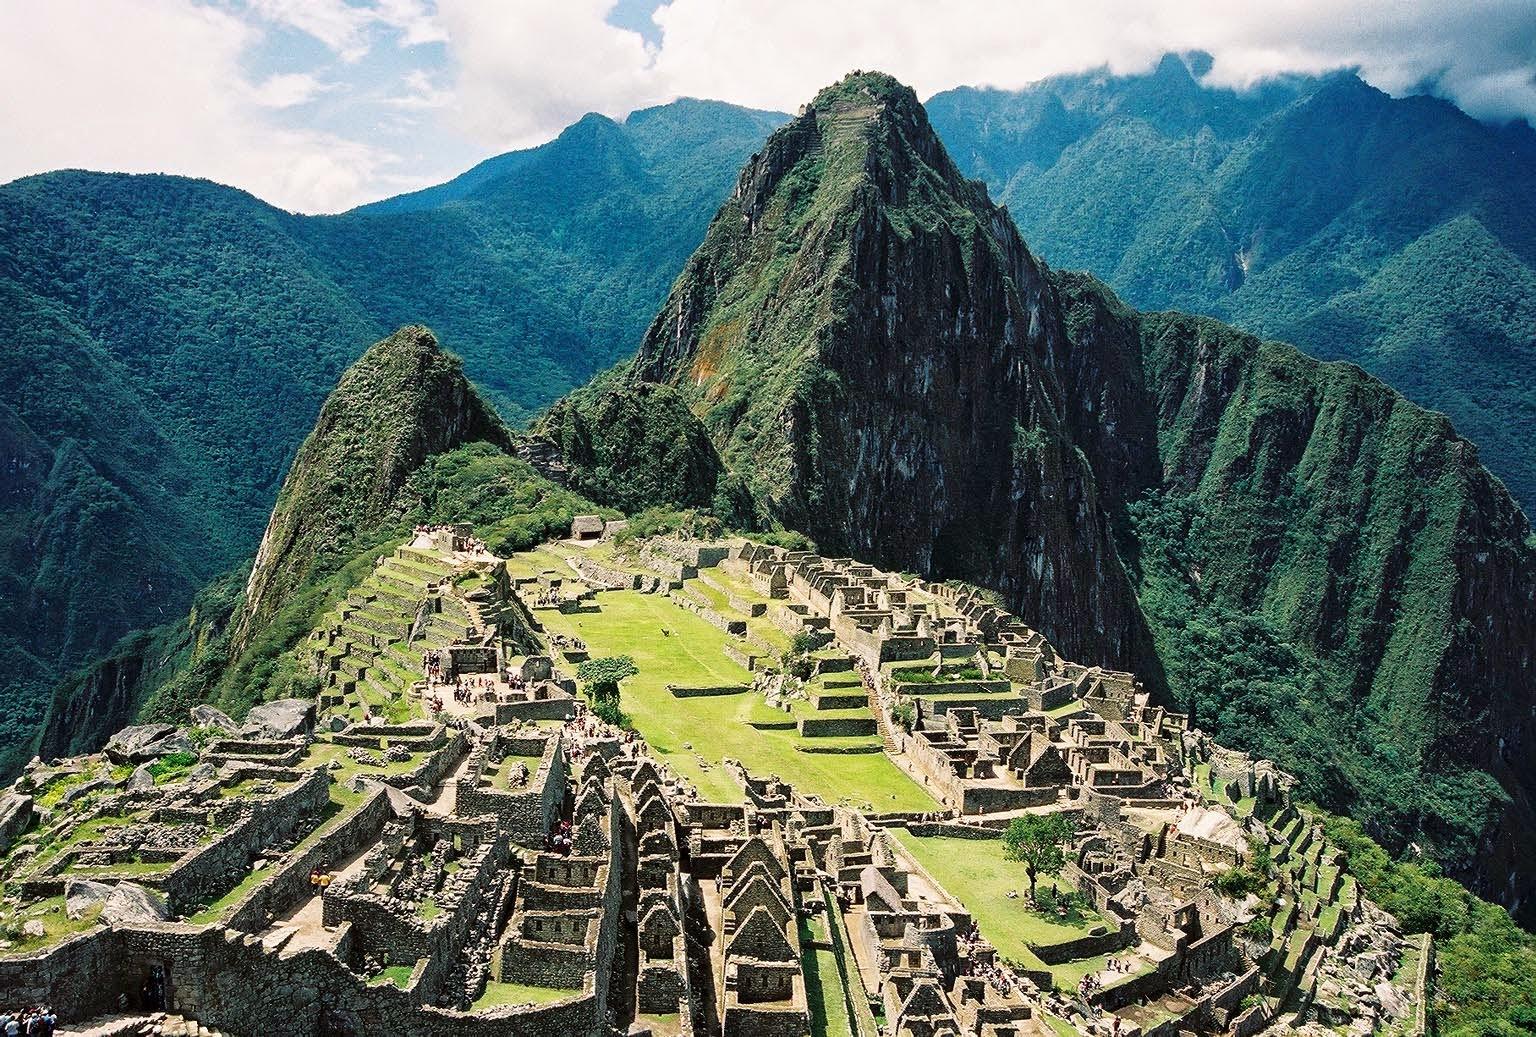 ¡Latinoamérica es sorprendente y misteriosa!